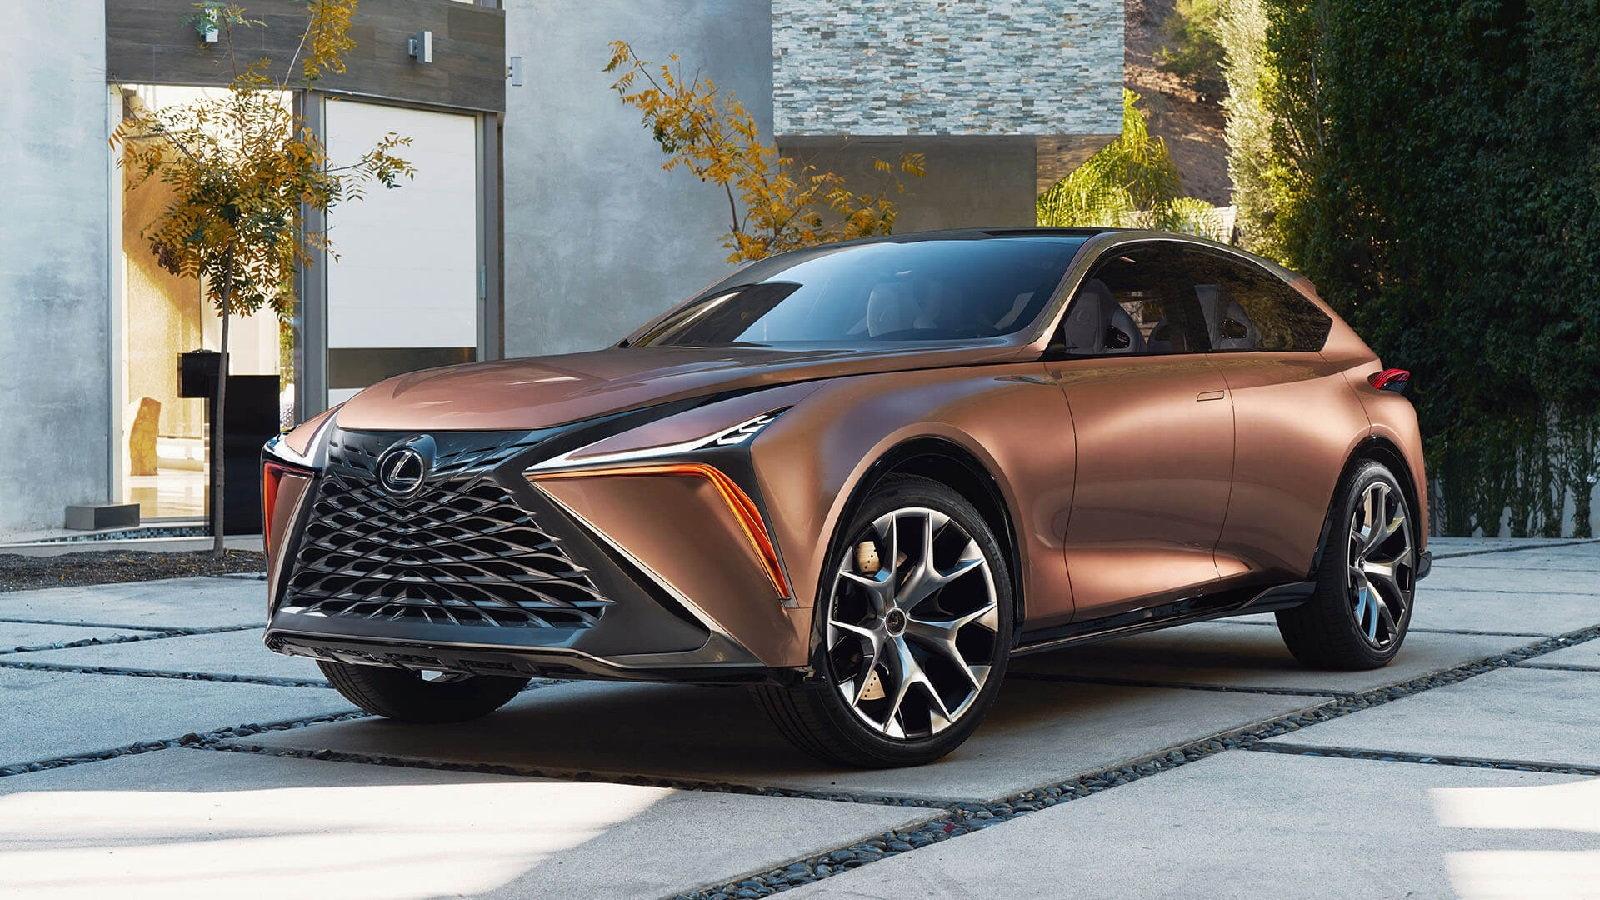 2021 Lexus CT 200h Wallpaper